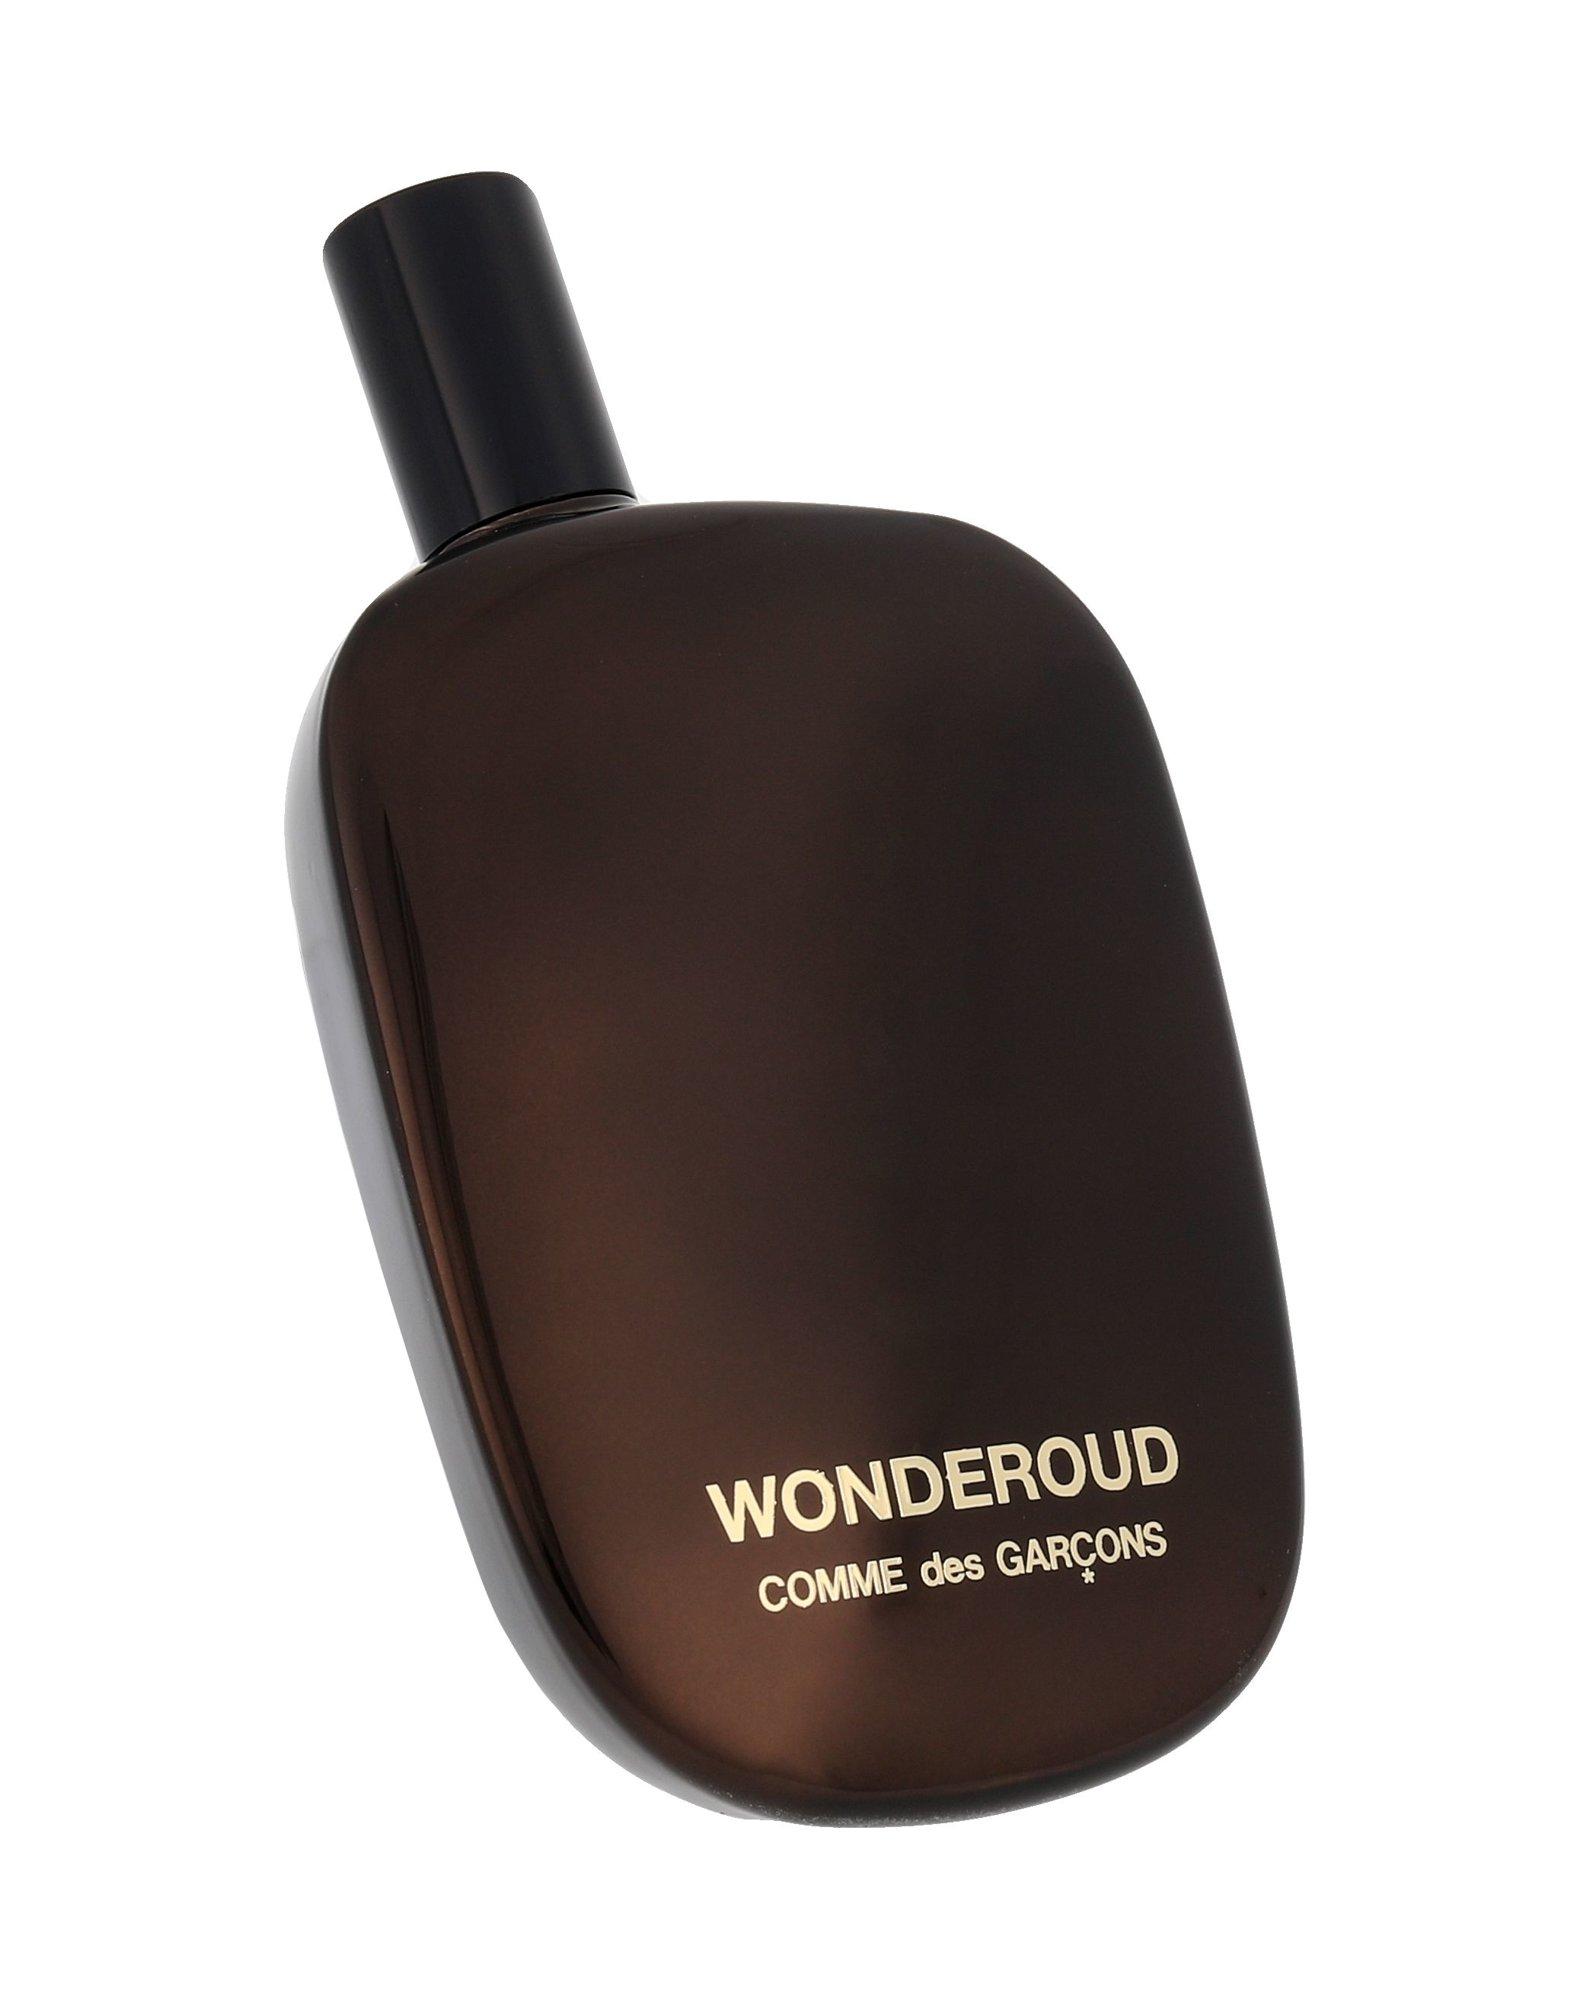 COMME des GARCONS Wonderoud Eau de Parfum 100ml